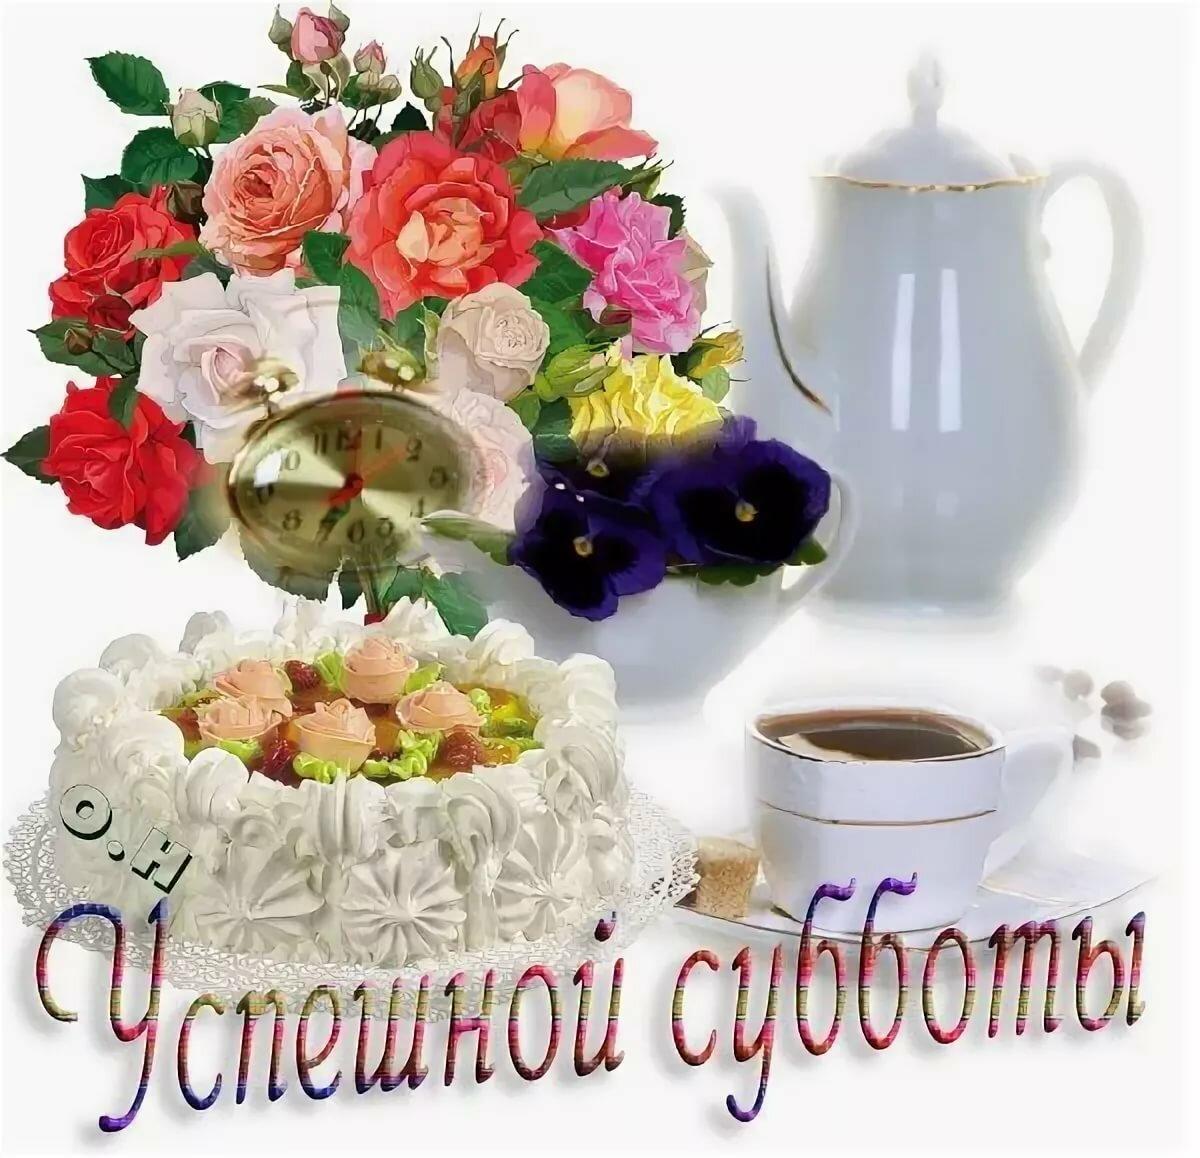 Лиц, открытки с прекрасной субботой с цветами и пожеланиями